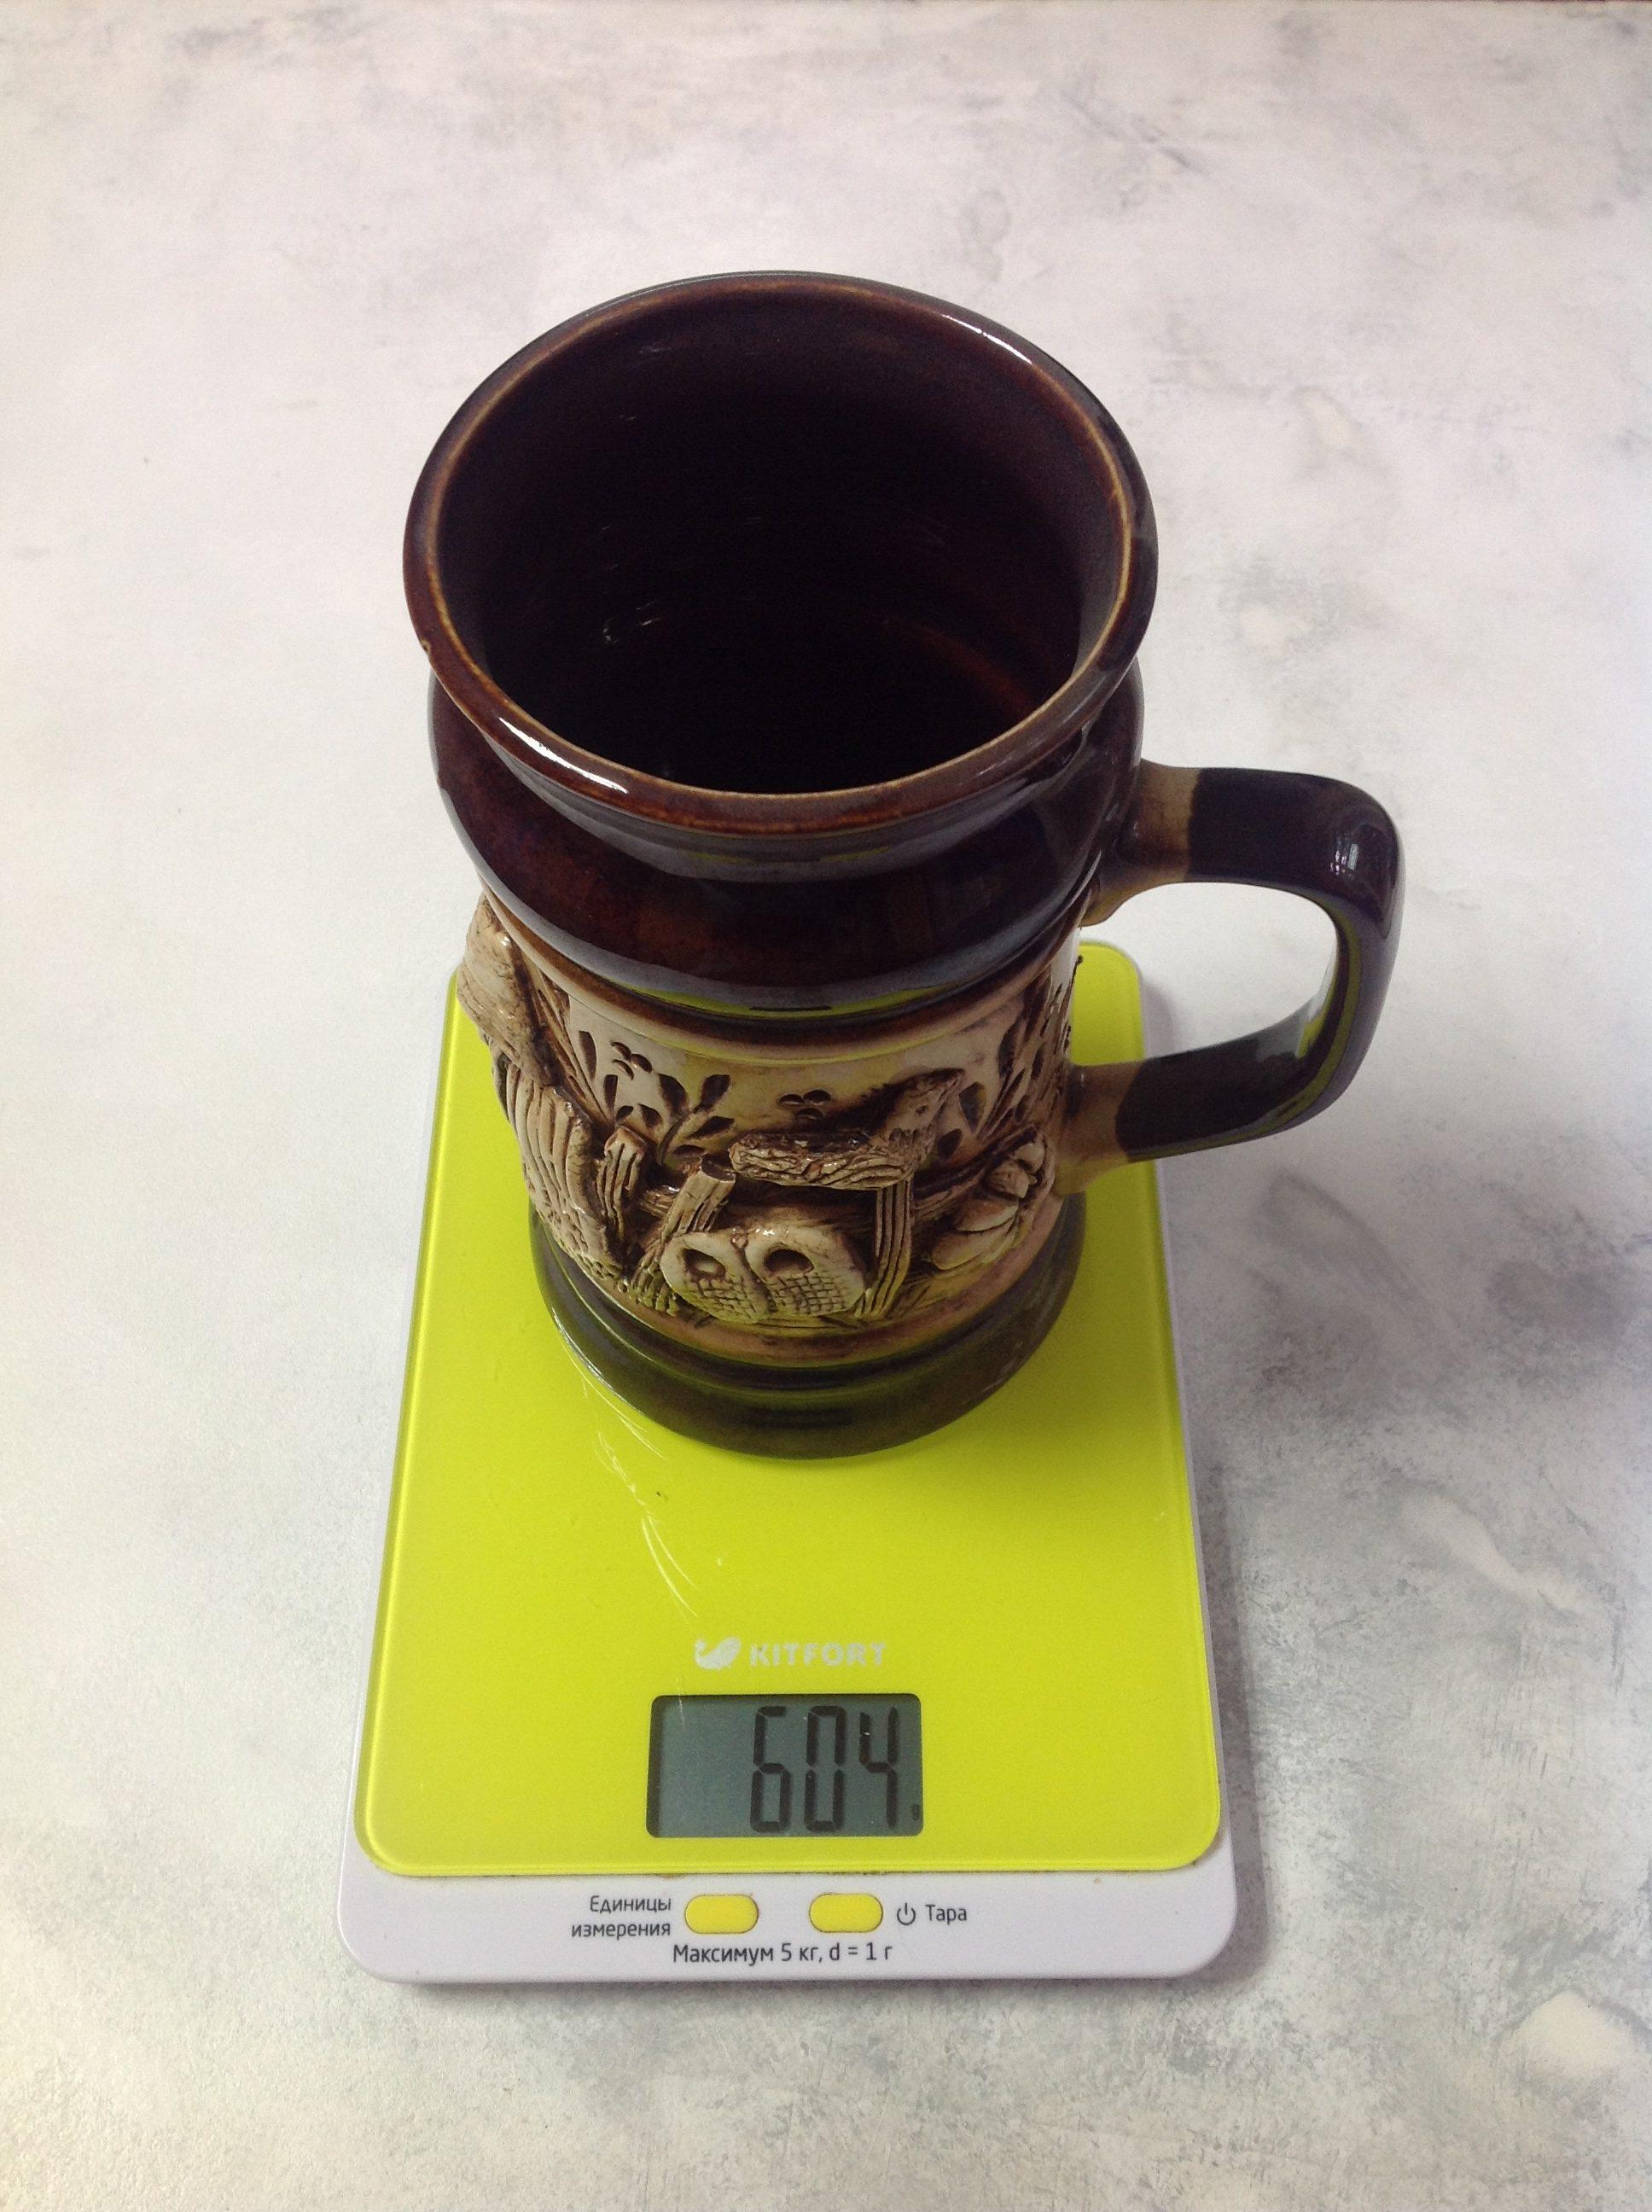 вес пивной кружки керамической большой